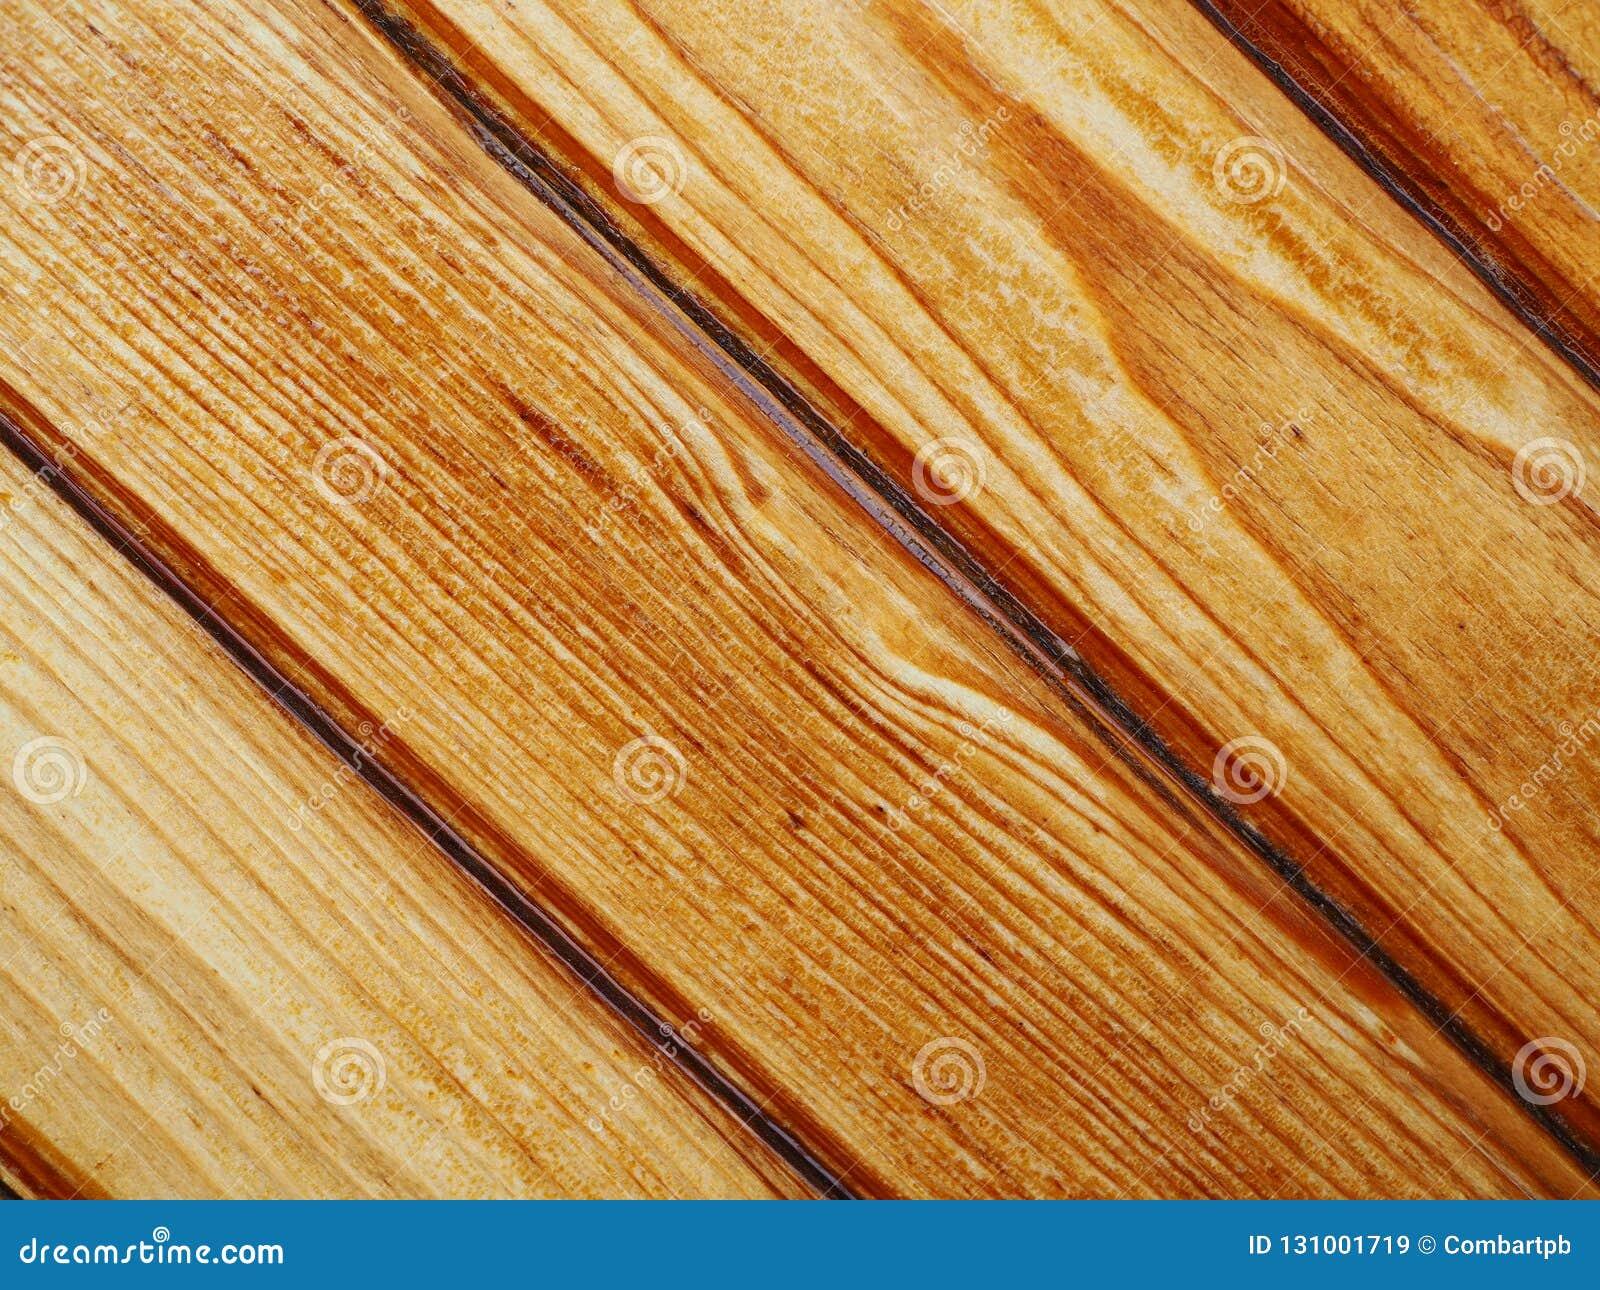 Fondo, textura de madera con los modelos naturales